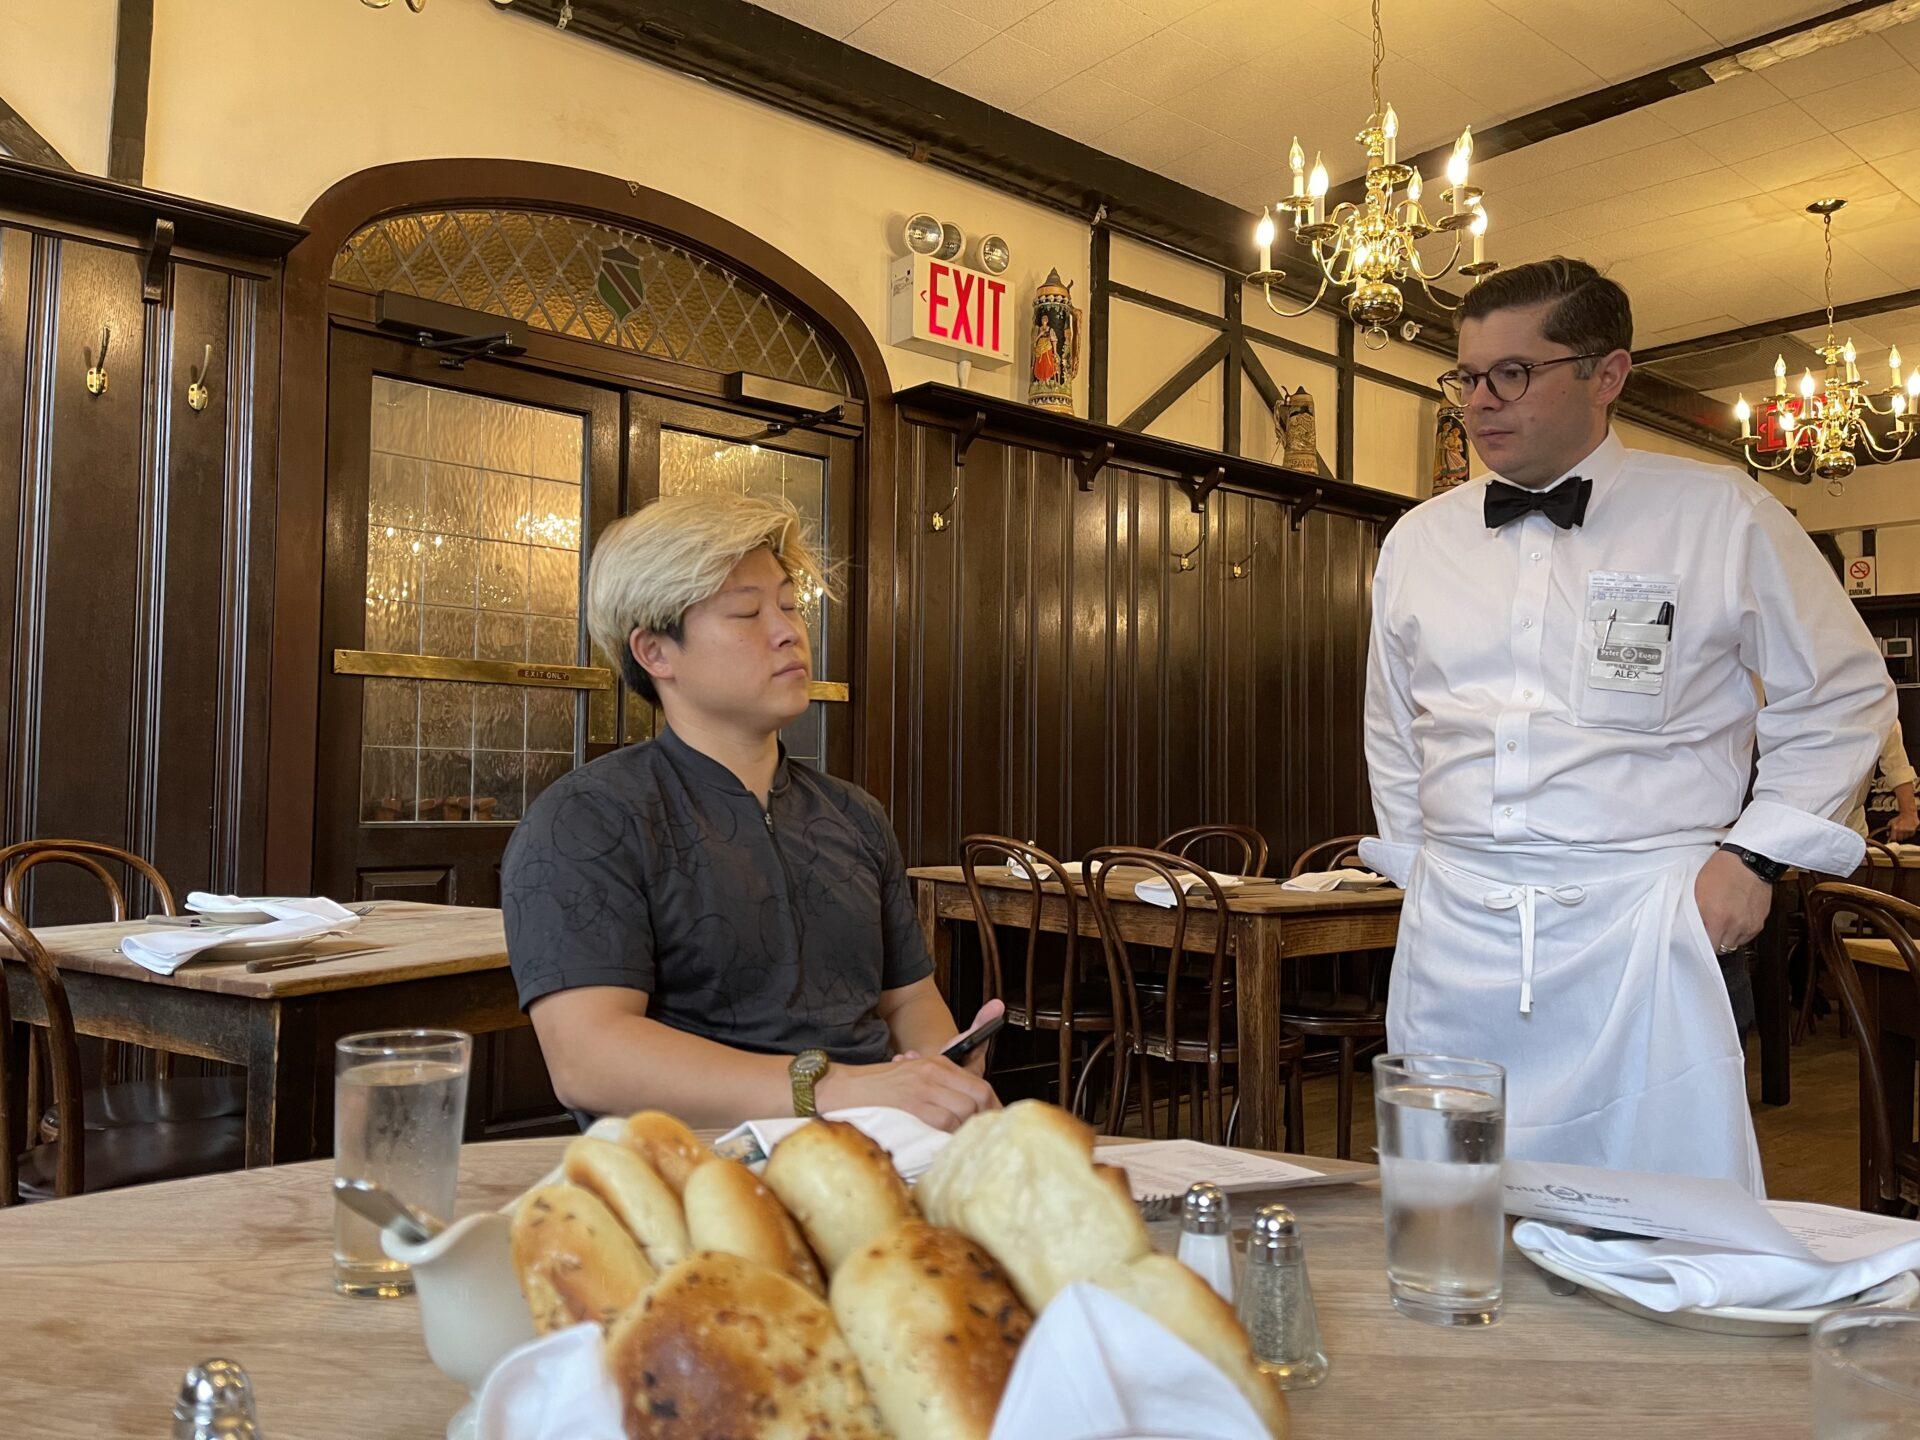 1887年設立ステーキハウス 名門ピーター・ルガーレストランにて ブルックリン